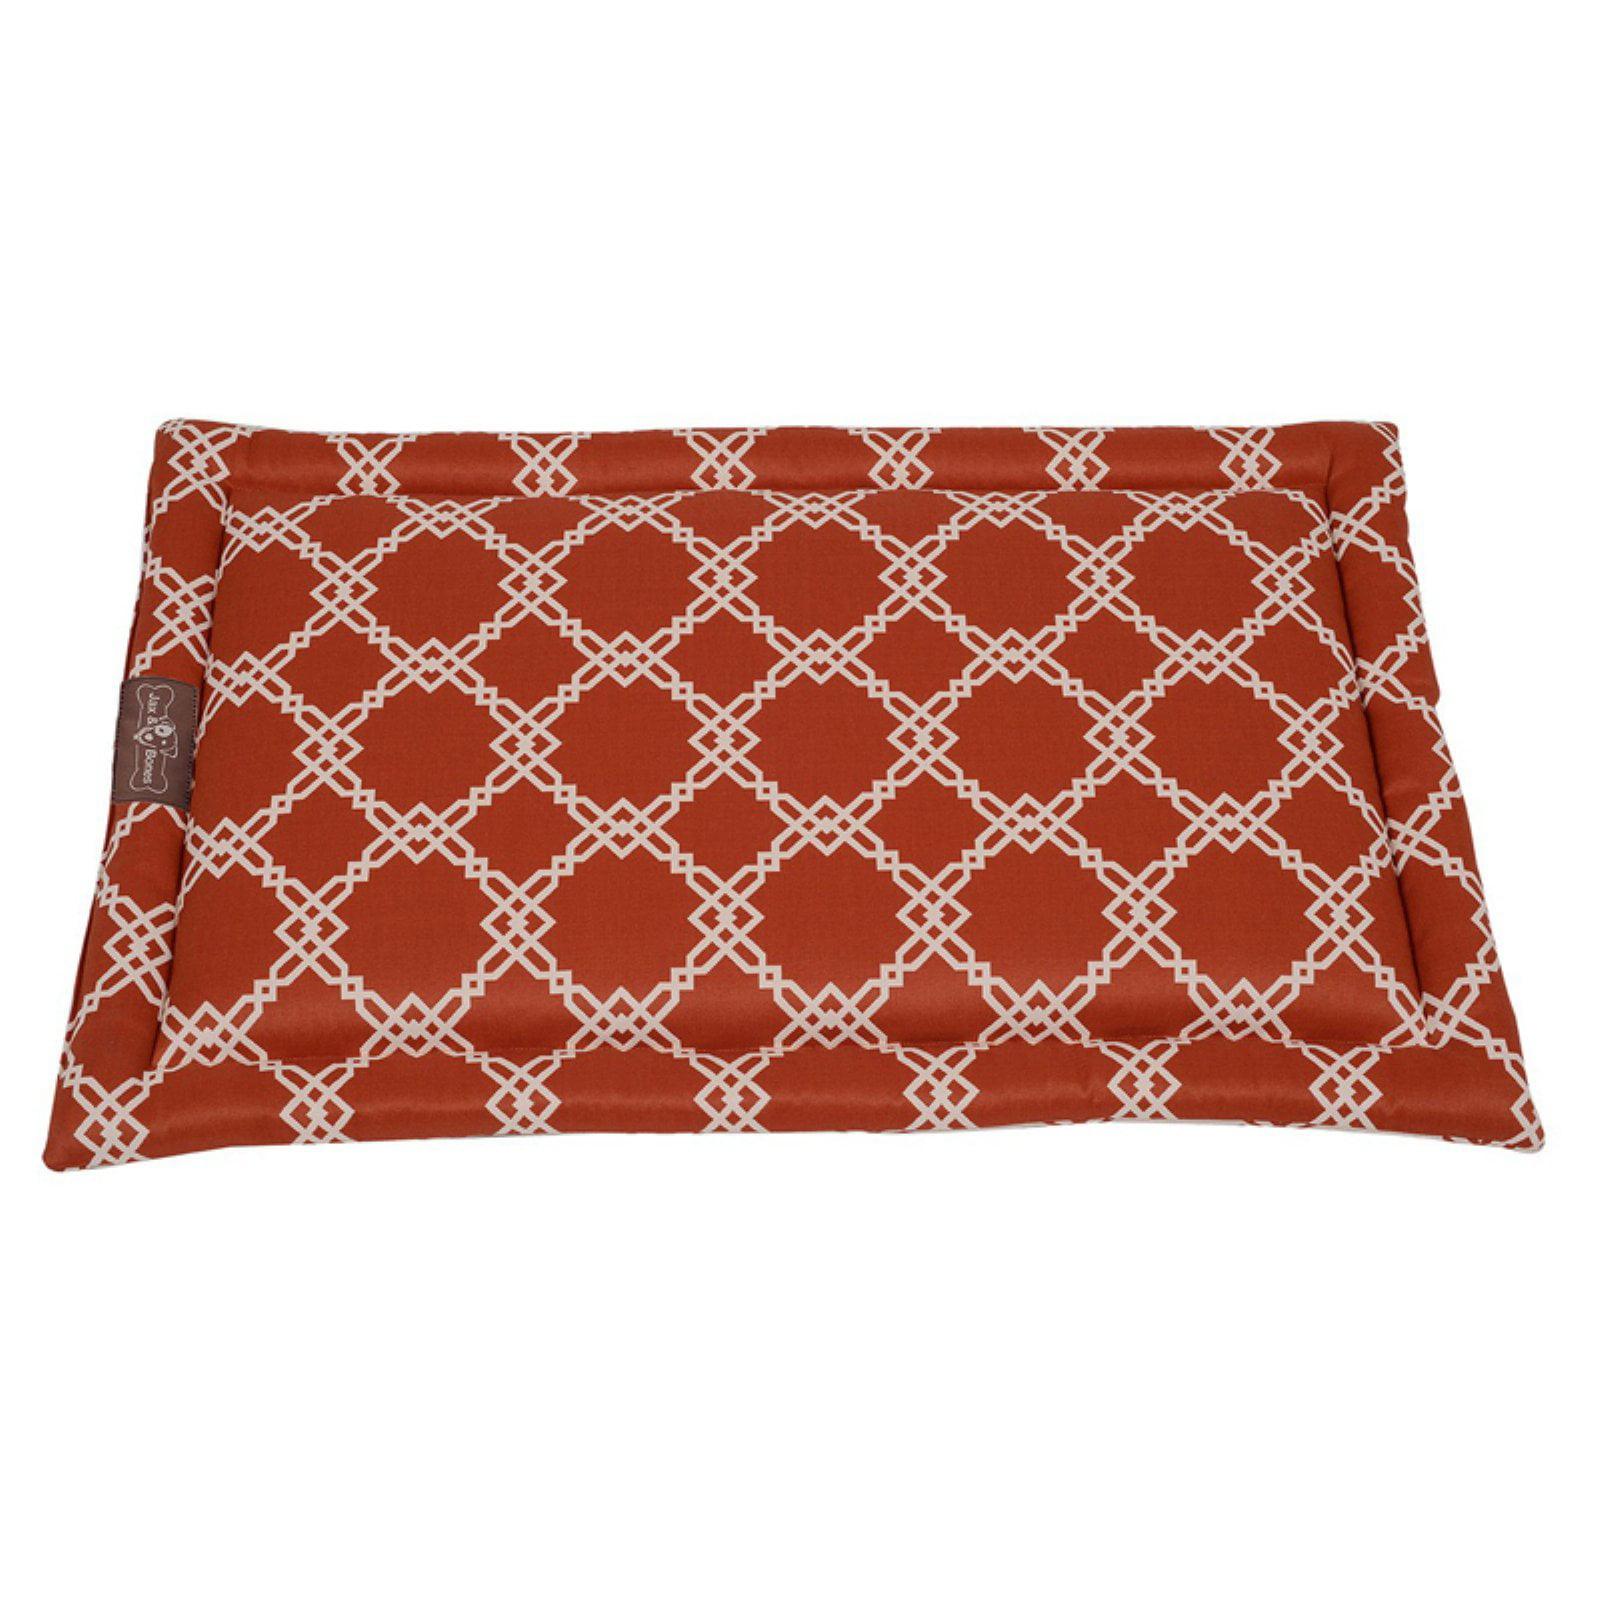 Jax & Bones Premium Fabric Cotton Cozy Mat